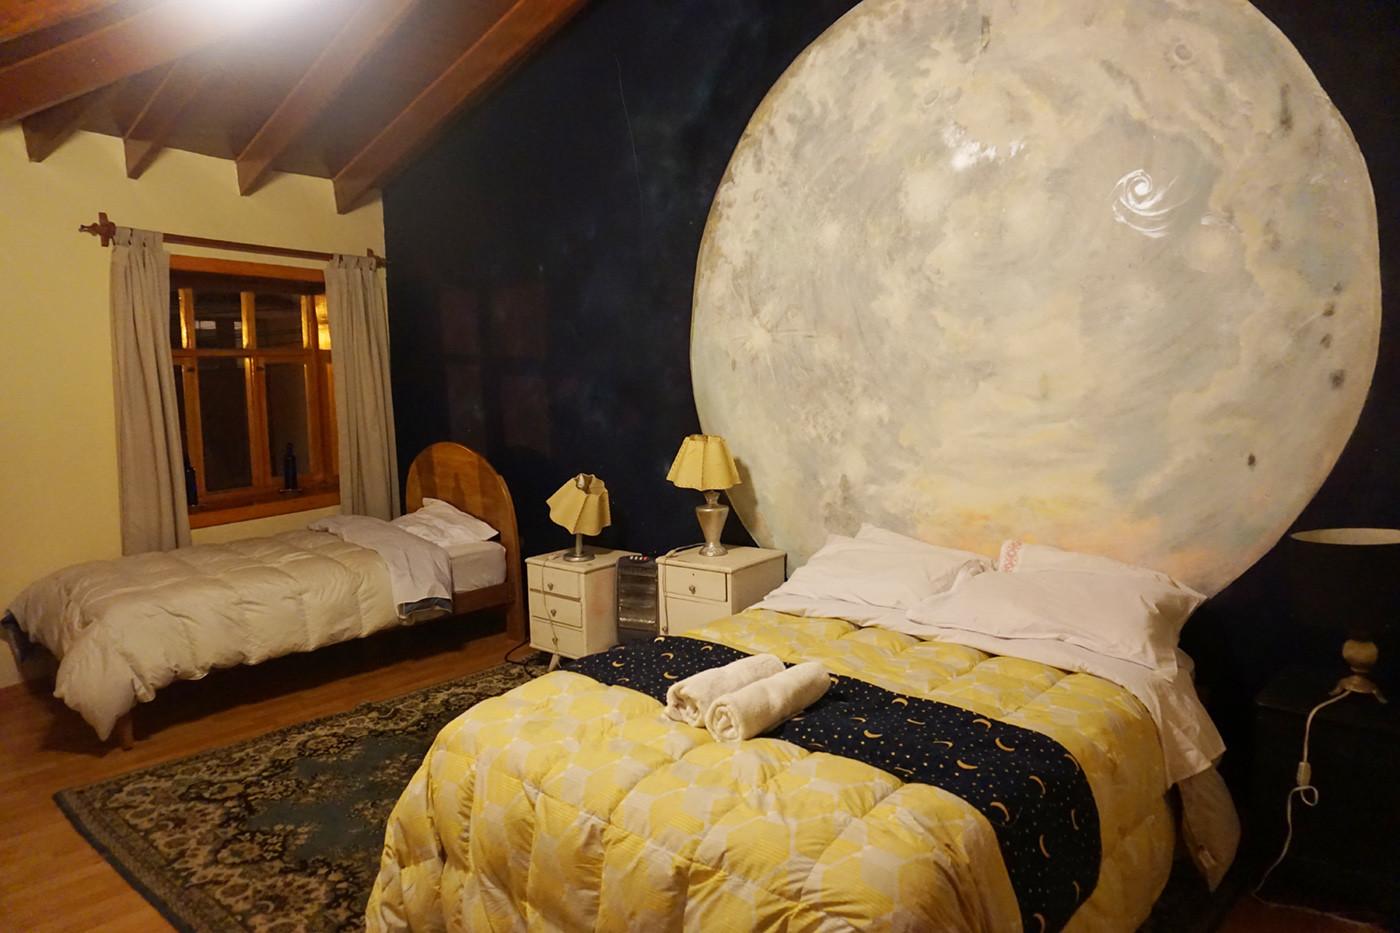 Zimmer in Airbnb Lodge in Cusco, Peru. Für uns war es toll, auch in Peru in einer Airbnb Unterkunft zu verbringen